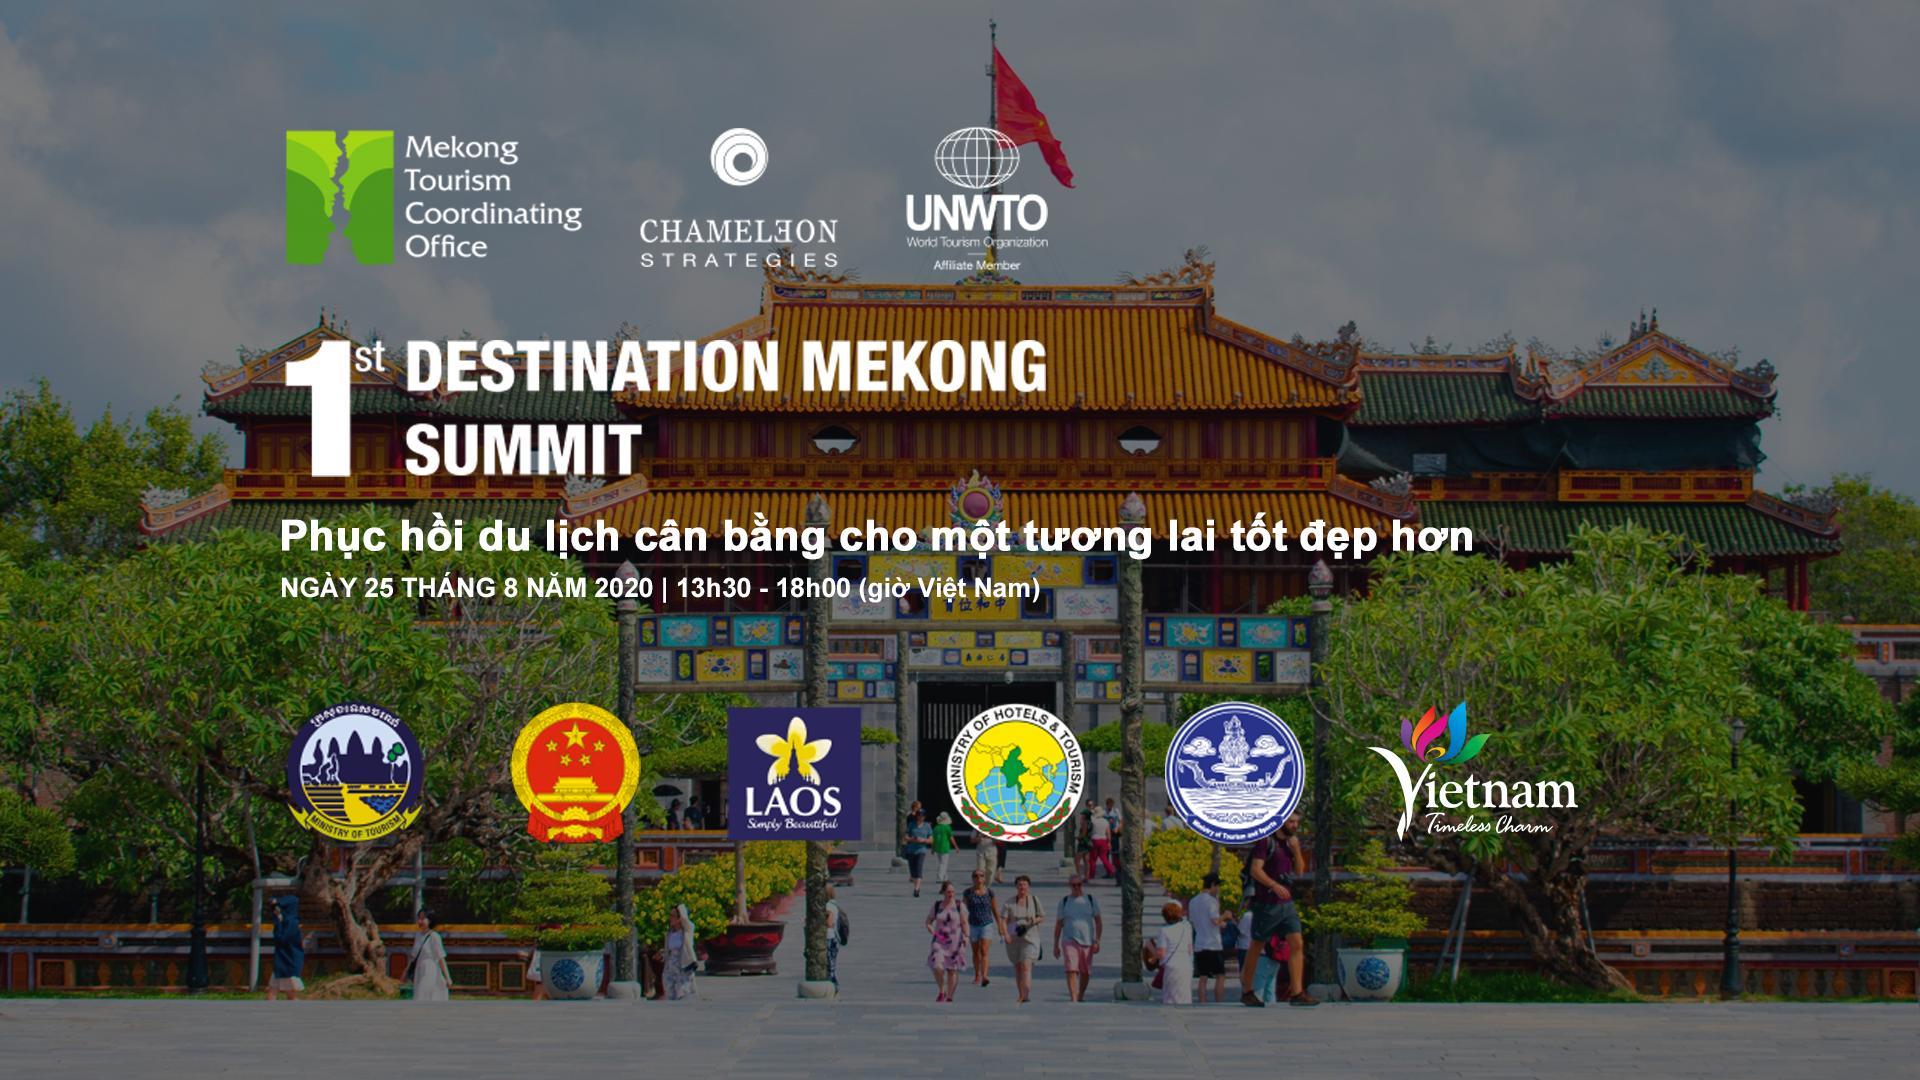 Ngày 25/8: Trực tuyến Hội nghị thượng đỉnh Điểm đến du lịch Mê Công với sự tham gia của các diễn giả hàng đầu thế giới